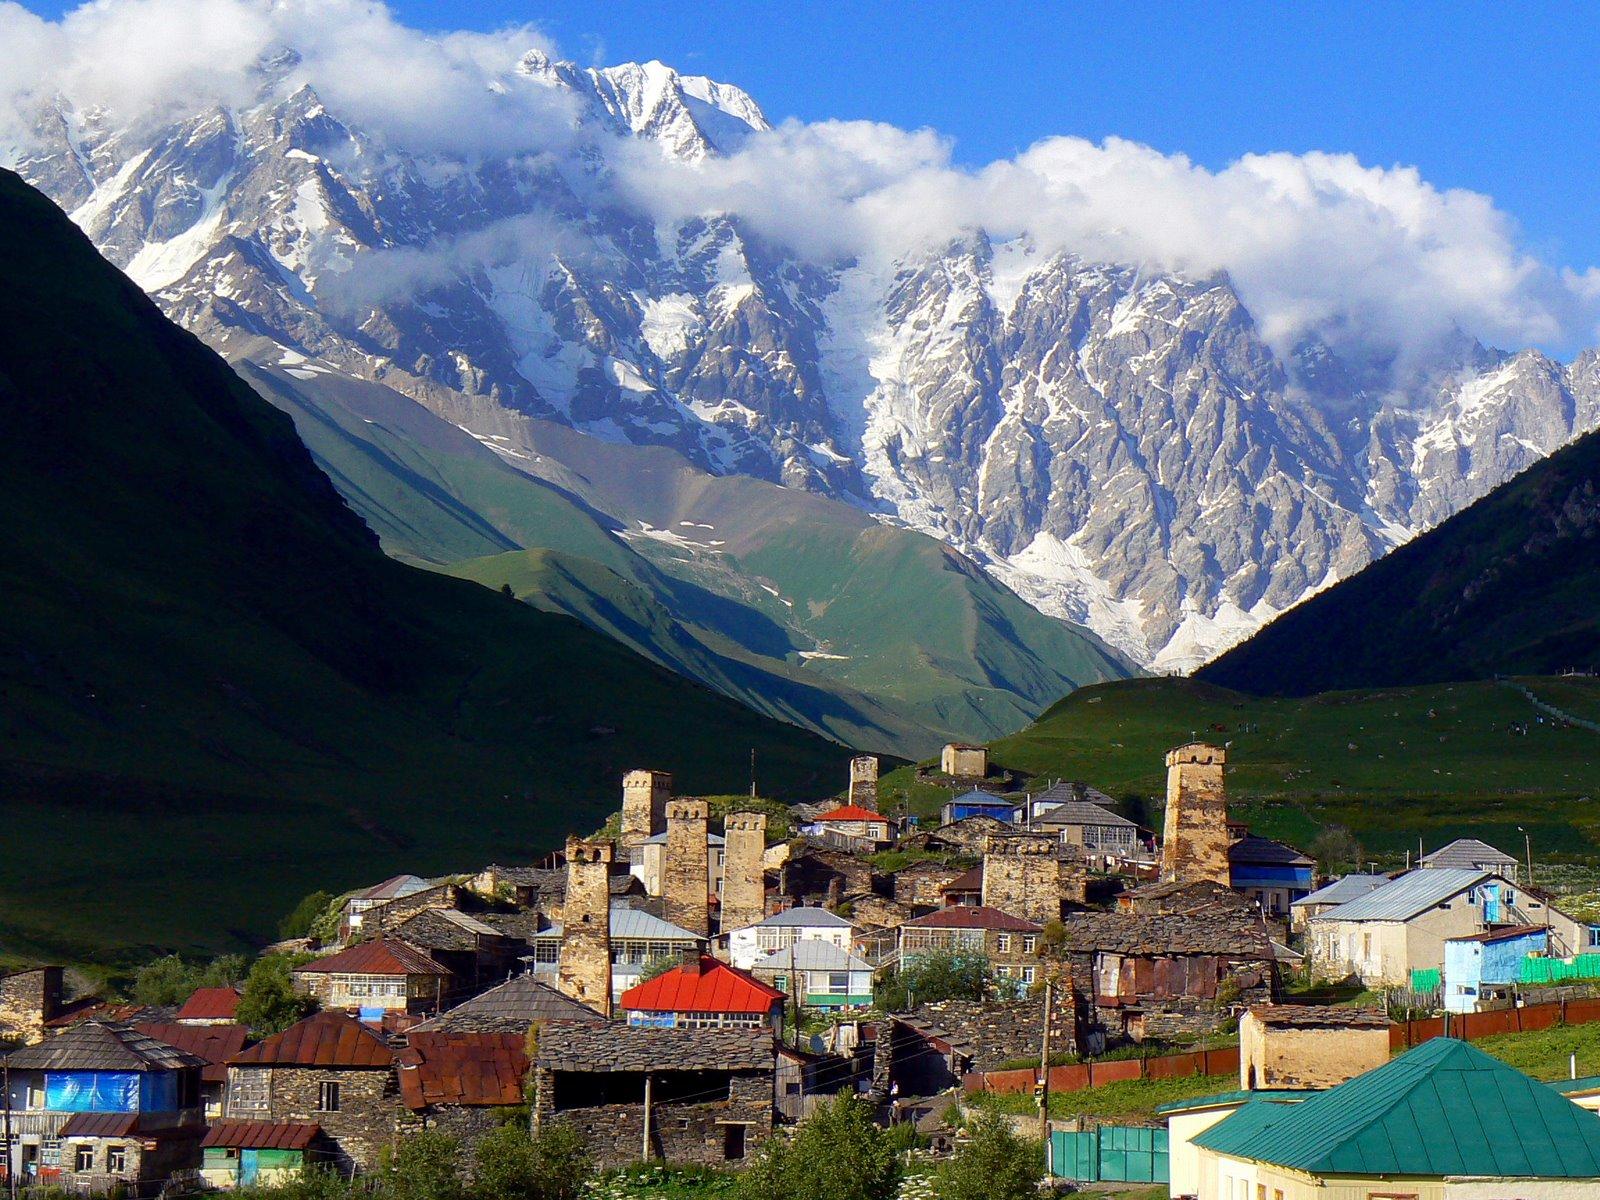 Британское издание Telegraph назвало Грузию одним из самых безопасных туристических направлений в Европе